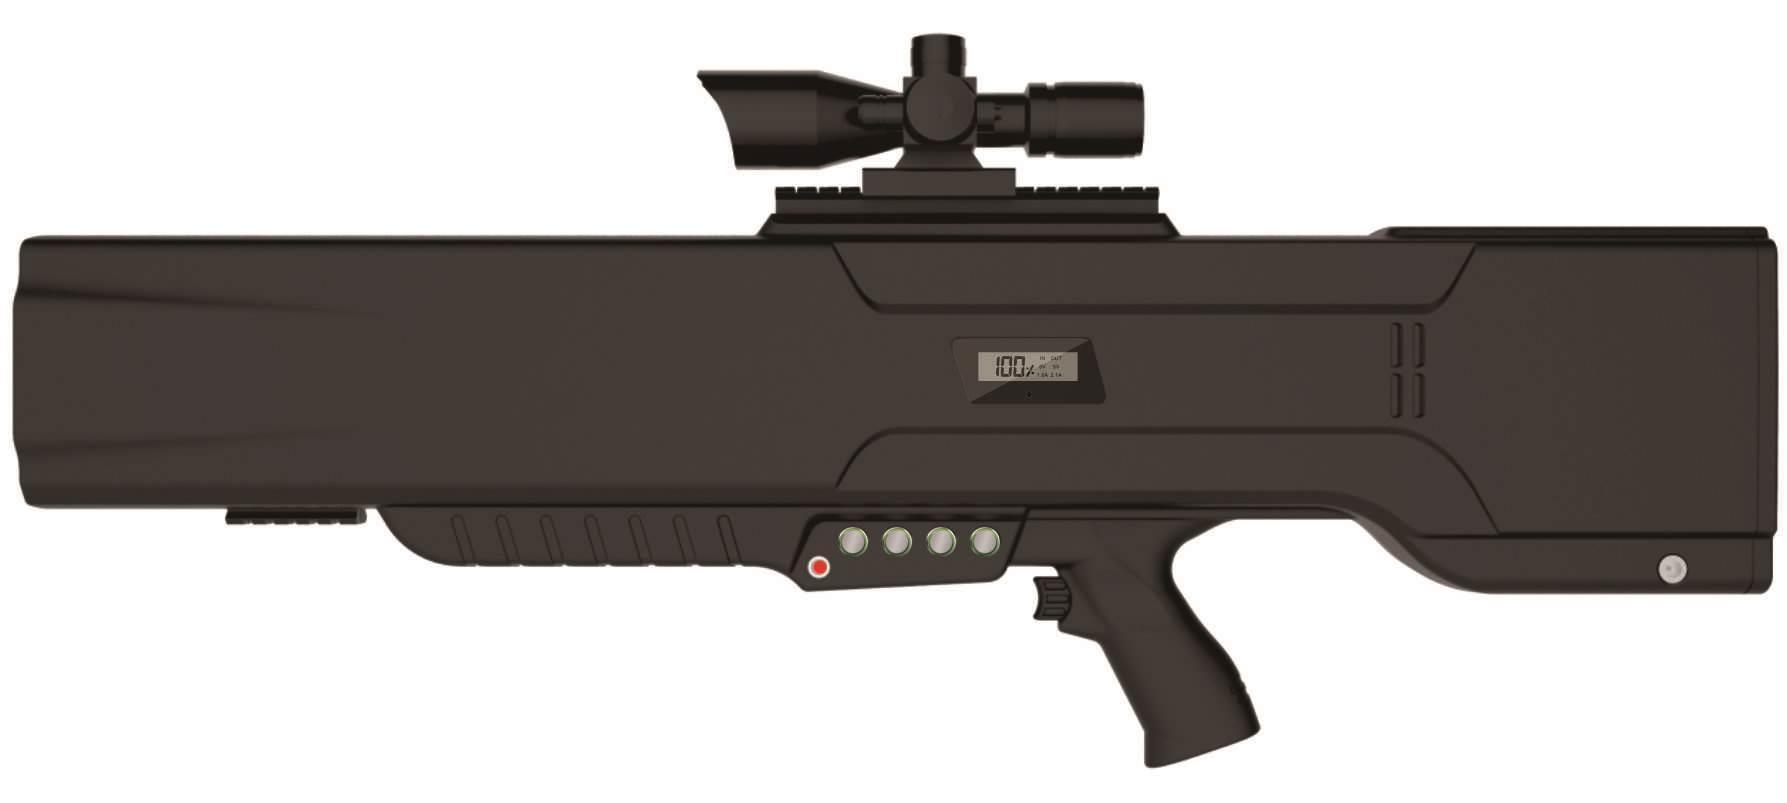 無人機反制槍的性能介紹